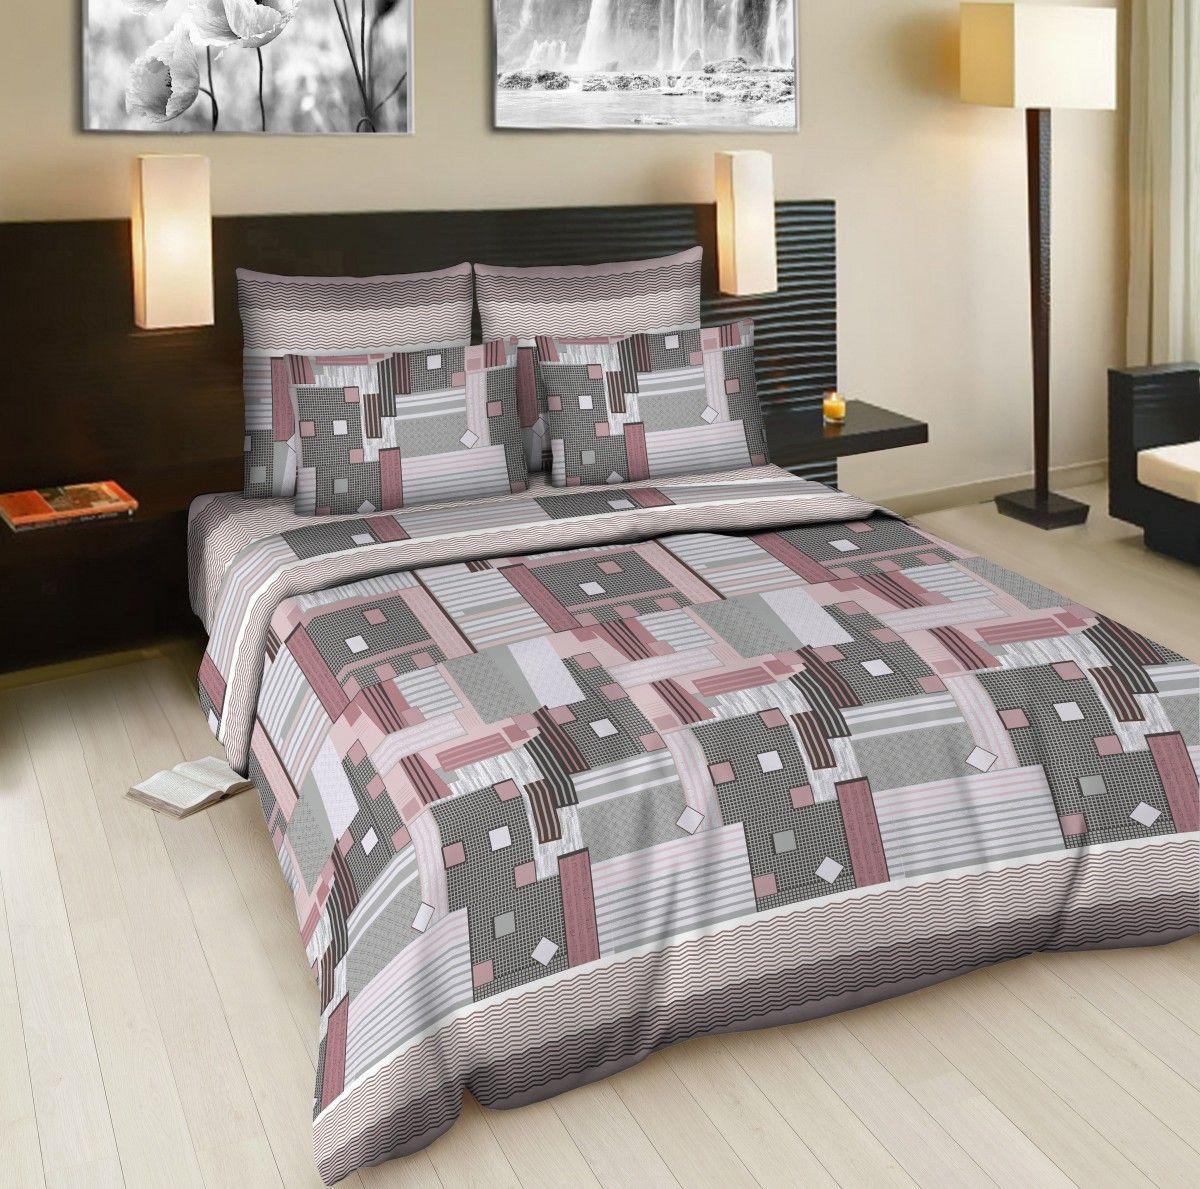 Комплект белья Amore Mio Window, евро, наволочки 70x70, цвет: серый, розовый83343Постельное белье из бязи практично и долговечно, а самое главное - это 100% хлопок! Материал великолепно отводит влагу, отлично пропускает воздух, не капризен в уходе, легко стирается и гладится. Новая коллекция Naturel 3-D дизайнов позволит выбрать постельное белье на любой вкус!